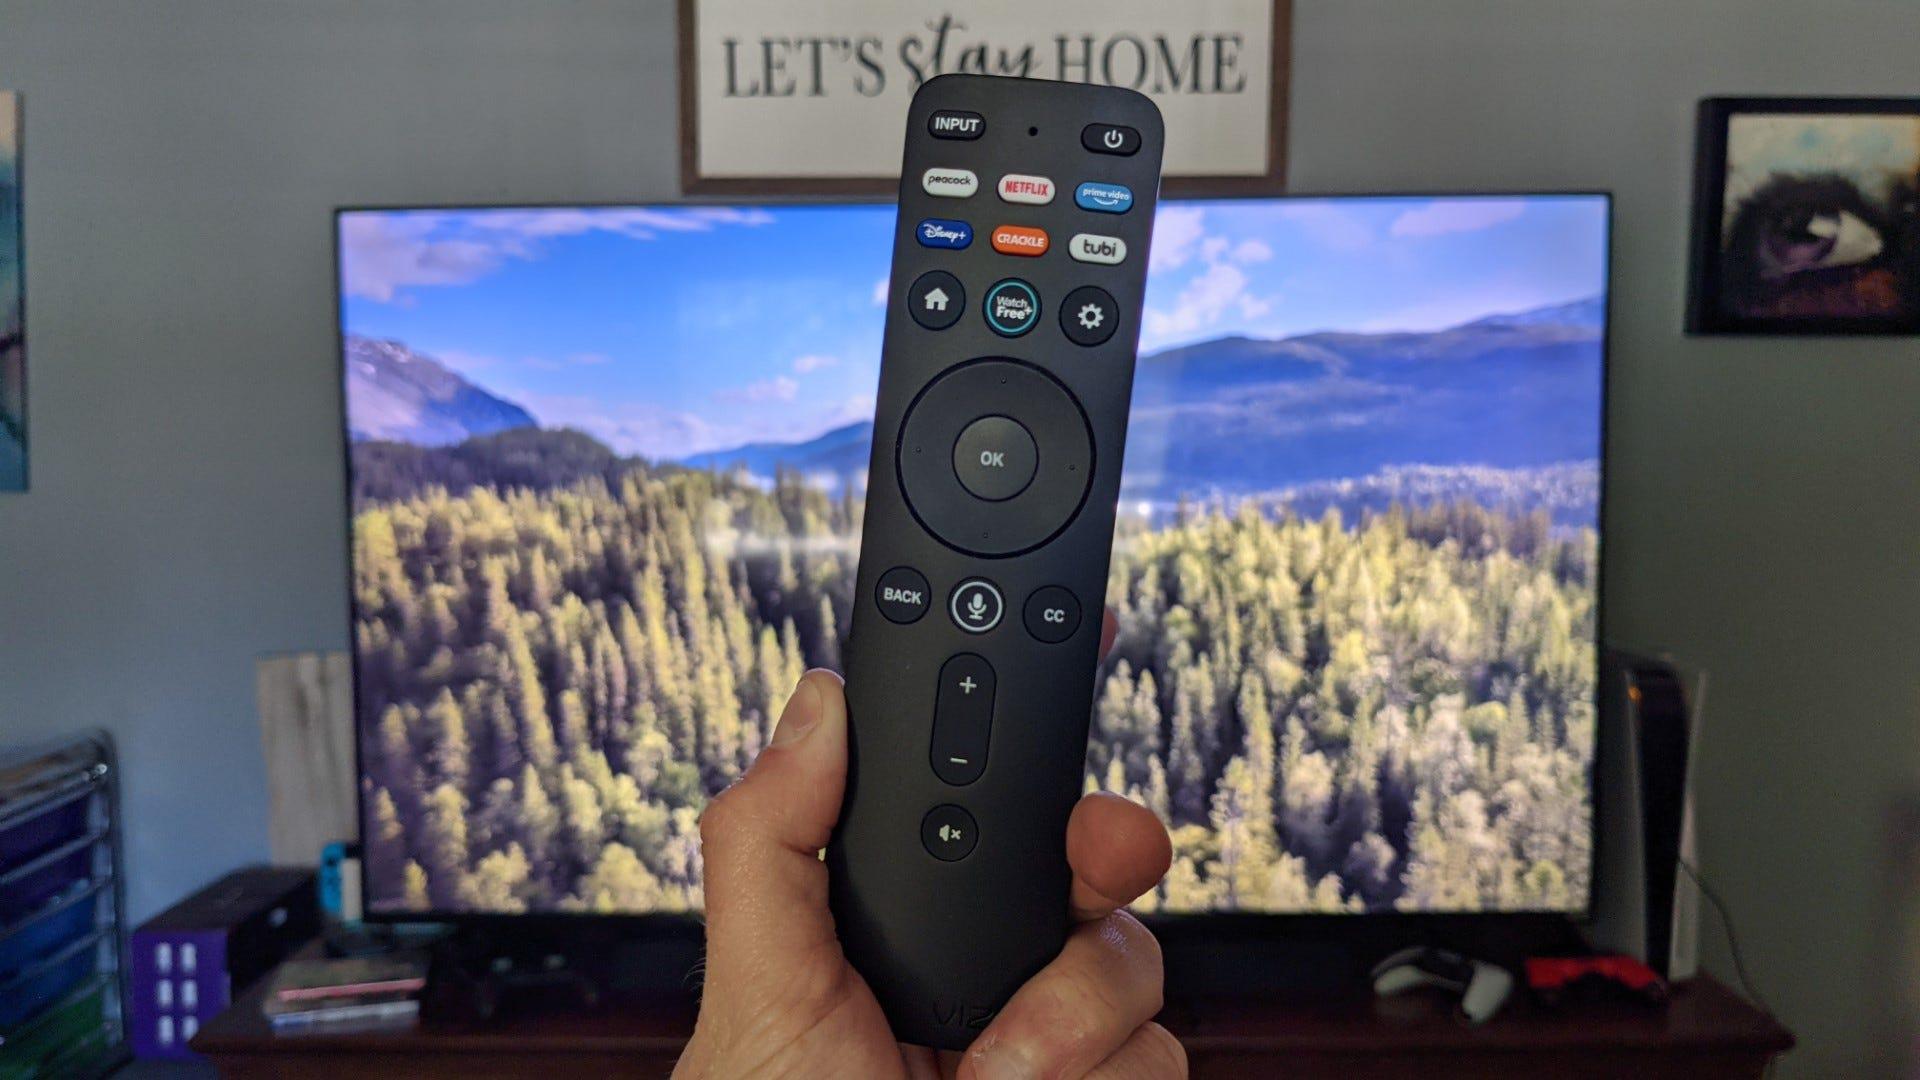 The MQ7 Remote